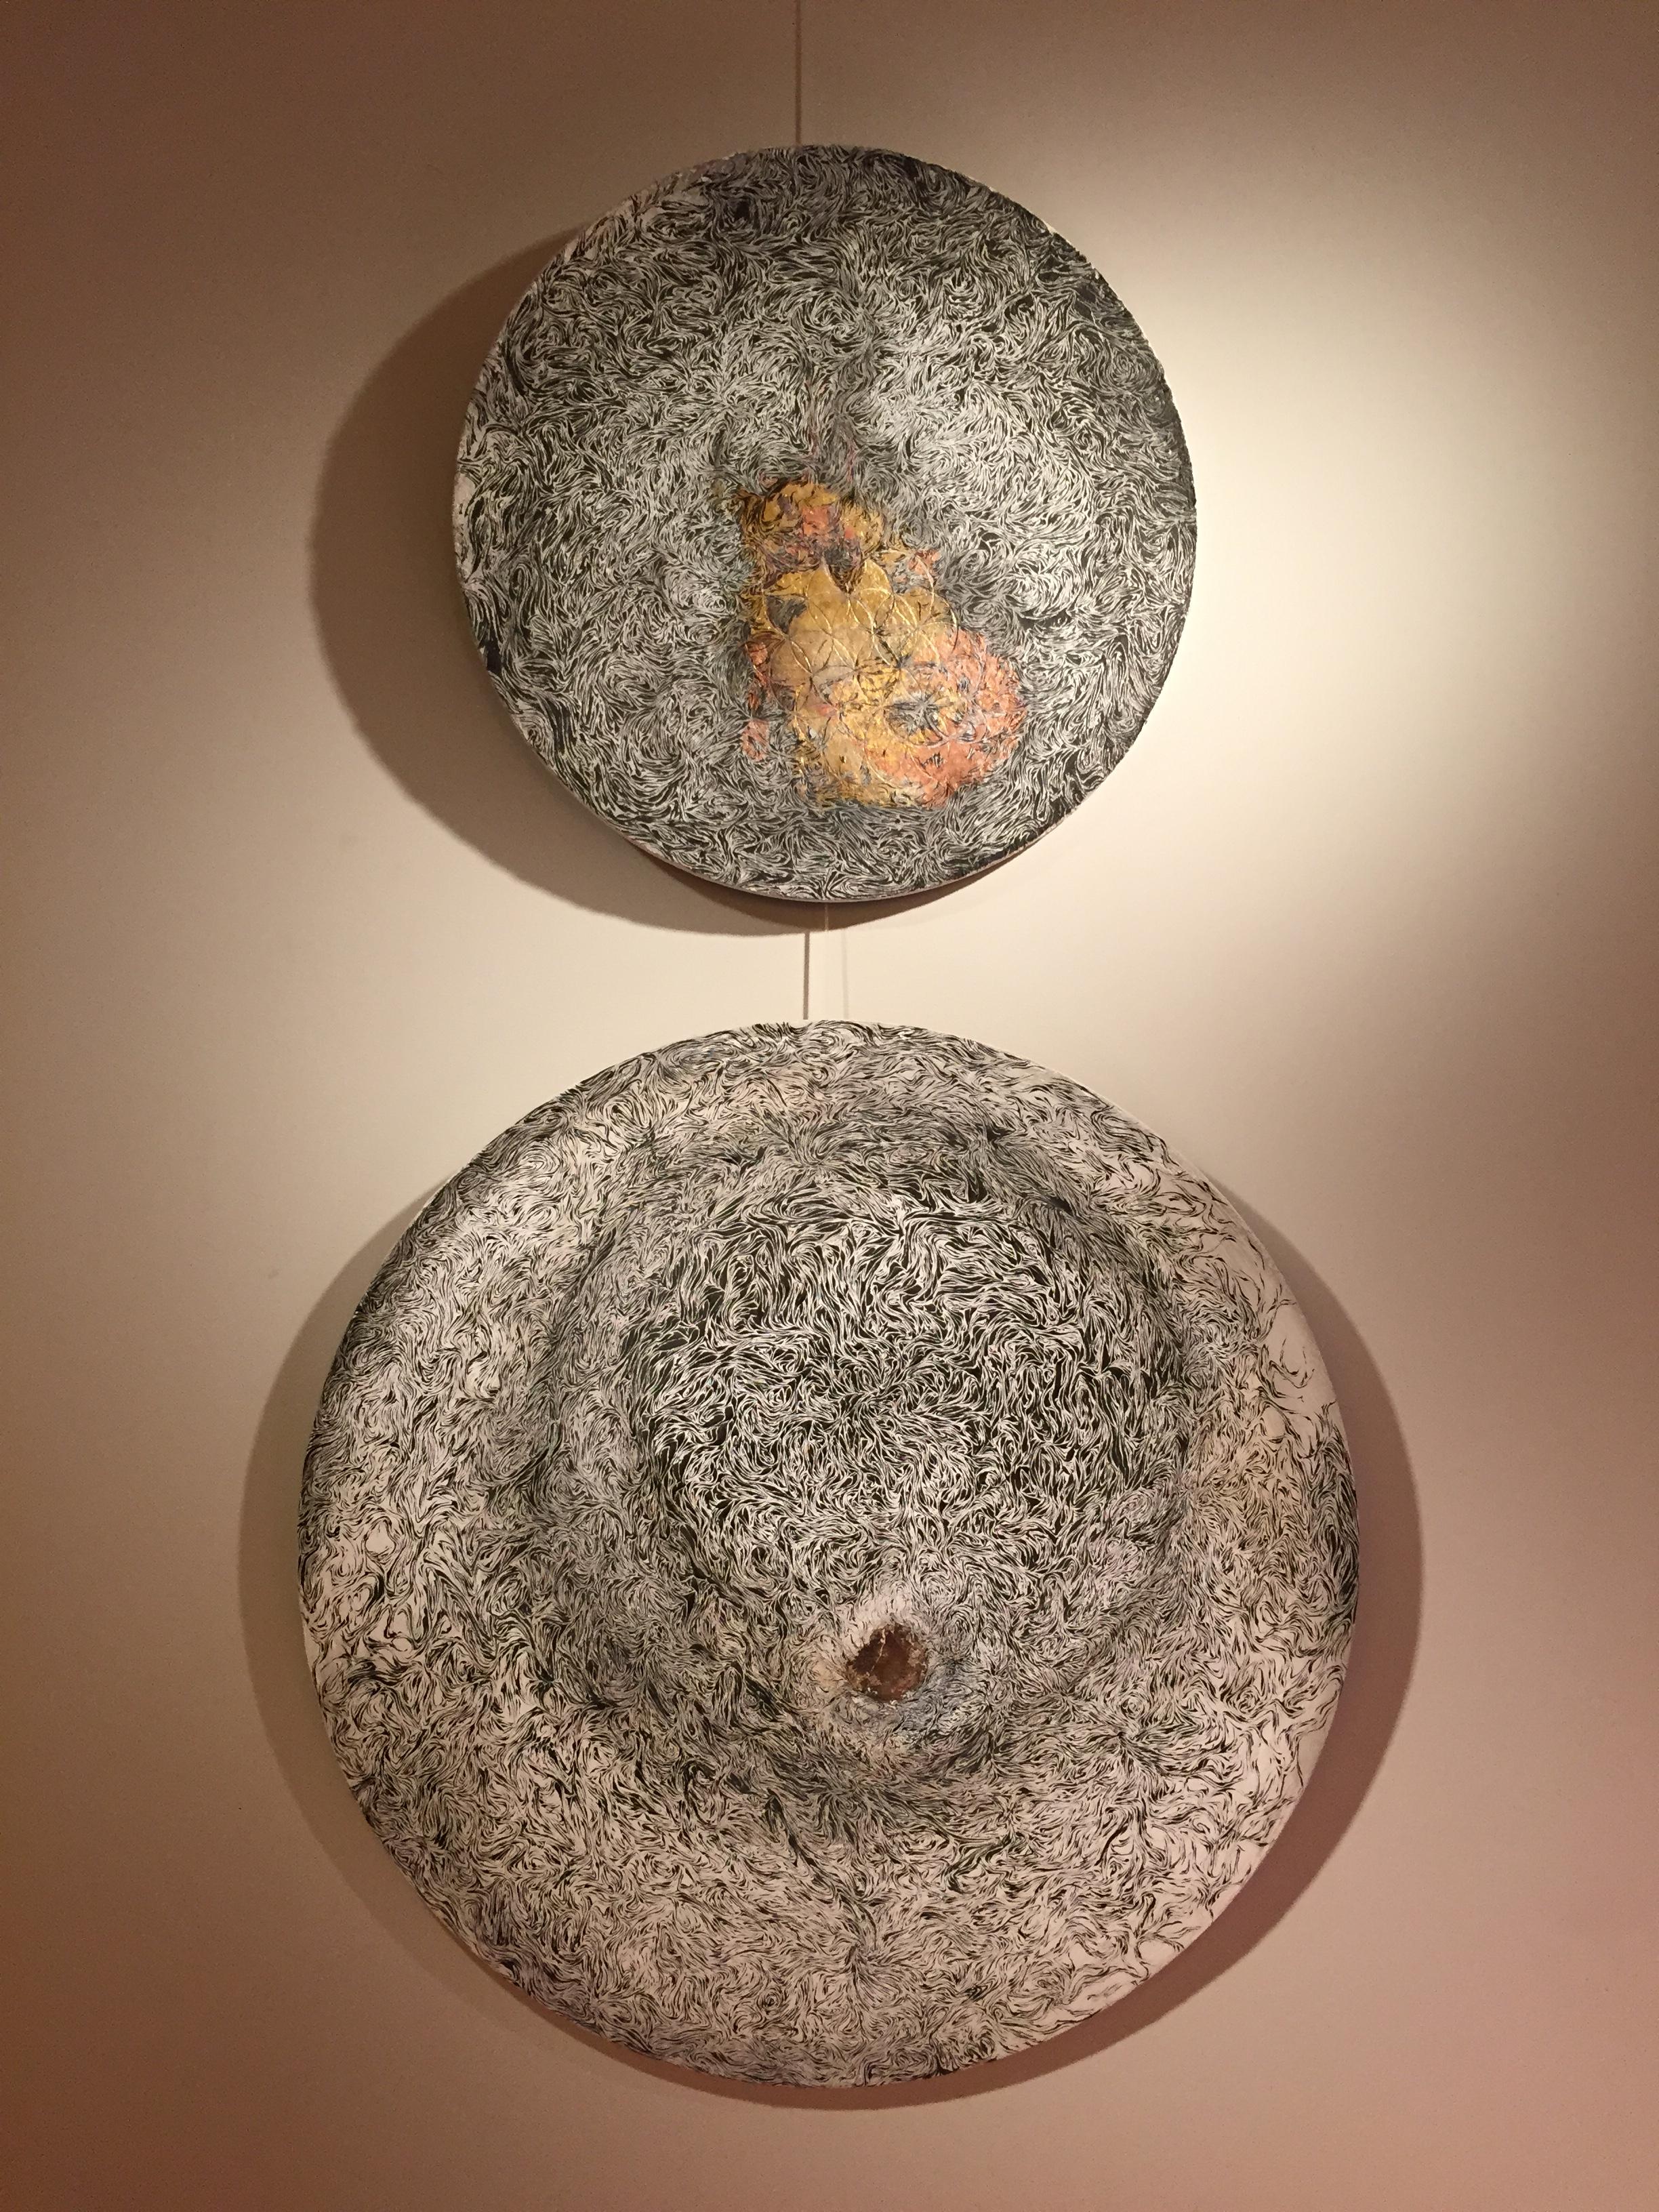 nathalie bergiers artworks 2014 @ hugo neumann brussels 1